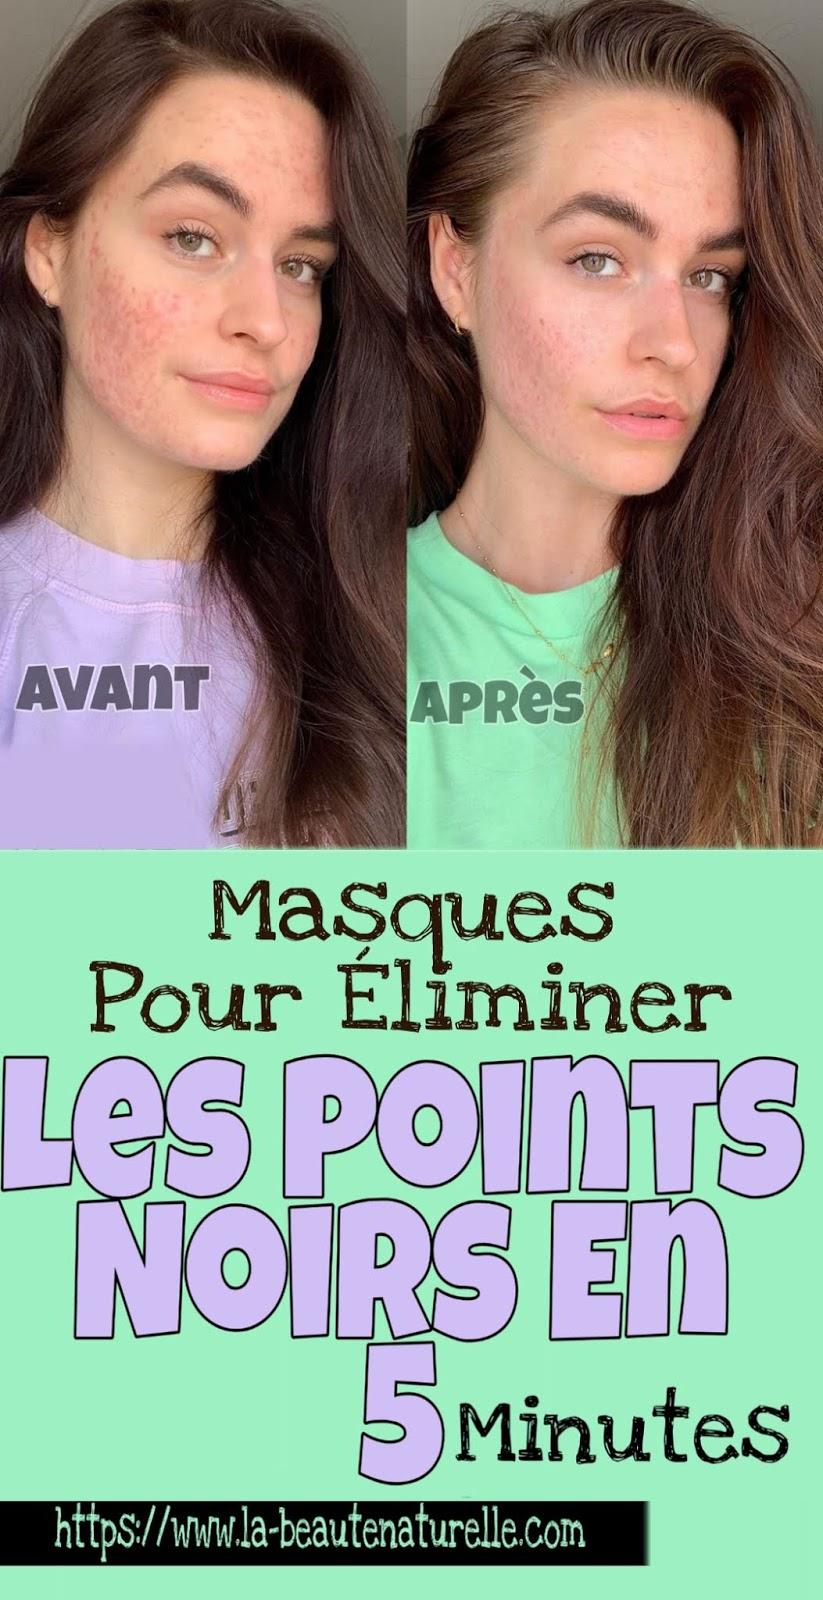 Masques Pour Éliminer Les Points Noirs En 5 Minutes